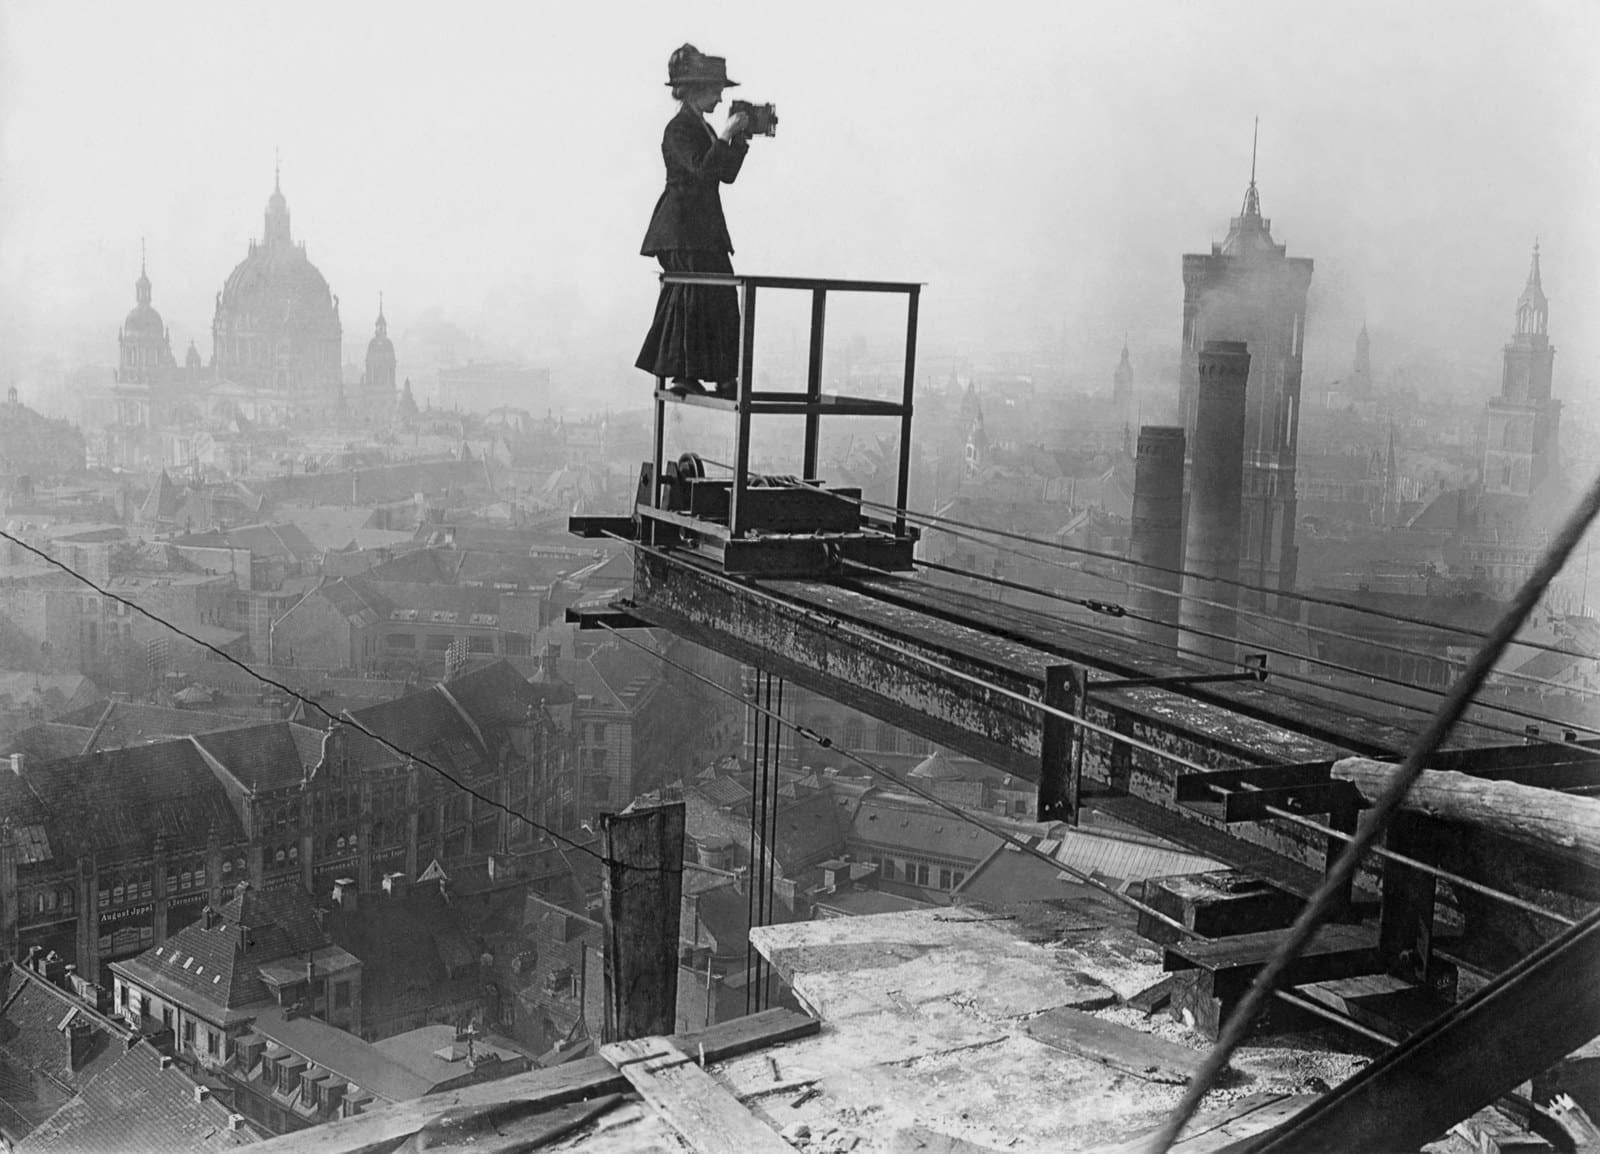 Những bức ảnh ghi lại kỷ niệm chung của nhân loại: diện mạo của thế giới vào 100 năm về trước - Ảnh 5.